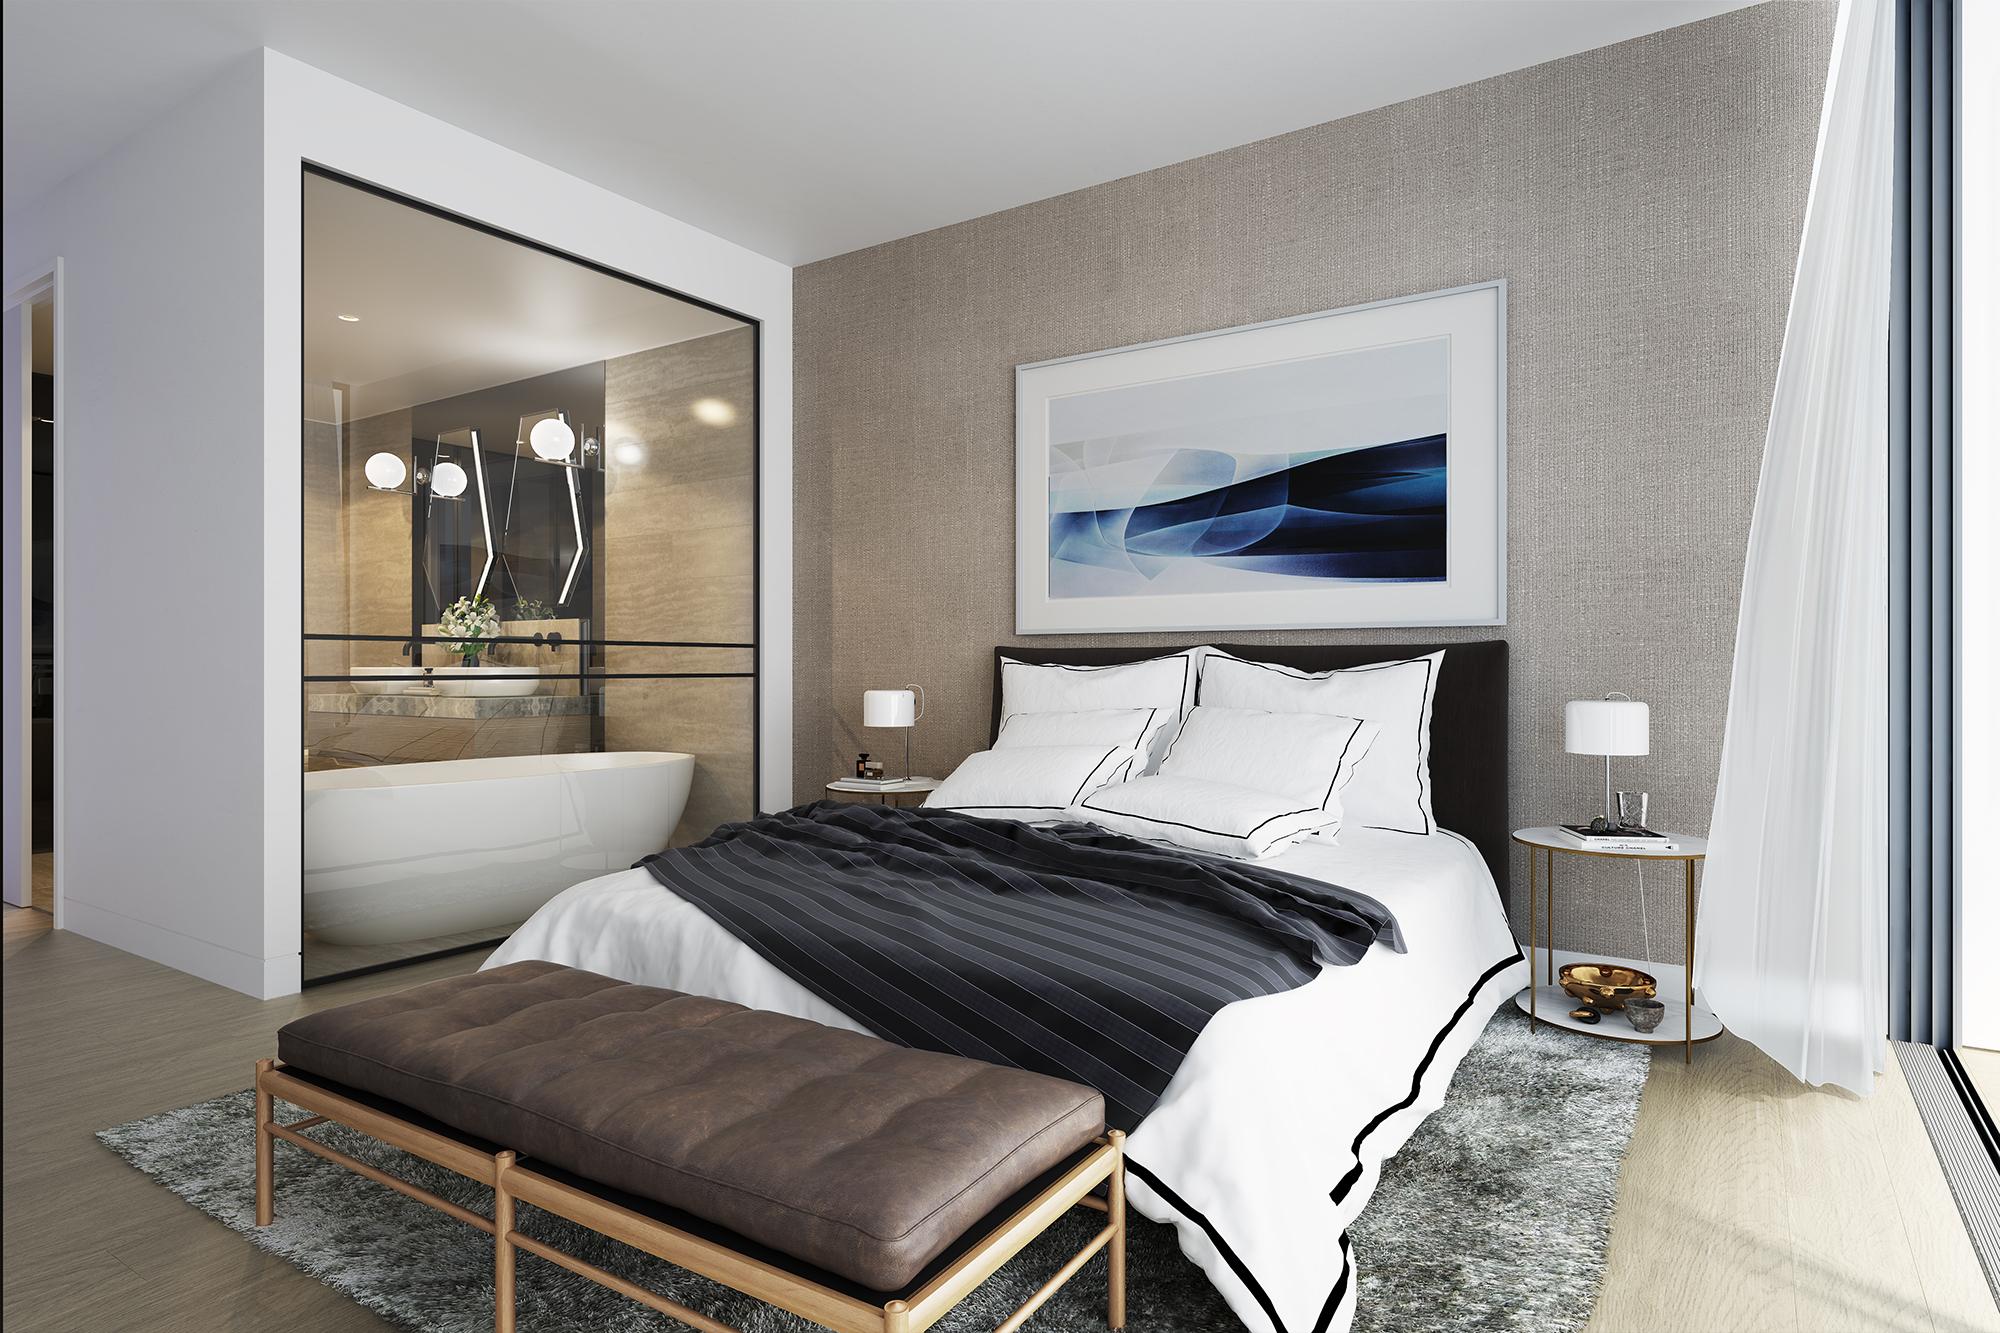 interior - bedroom b